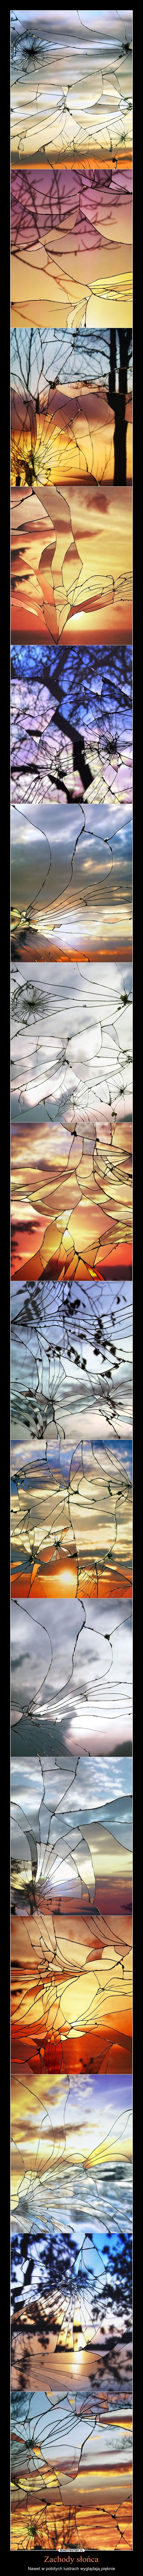 Zachody słońca – Nawet w pobitych lustrach wyglądają pięknie